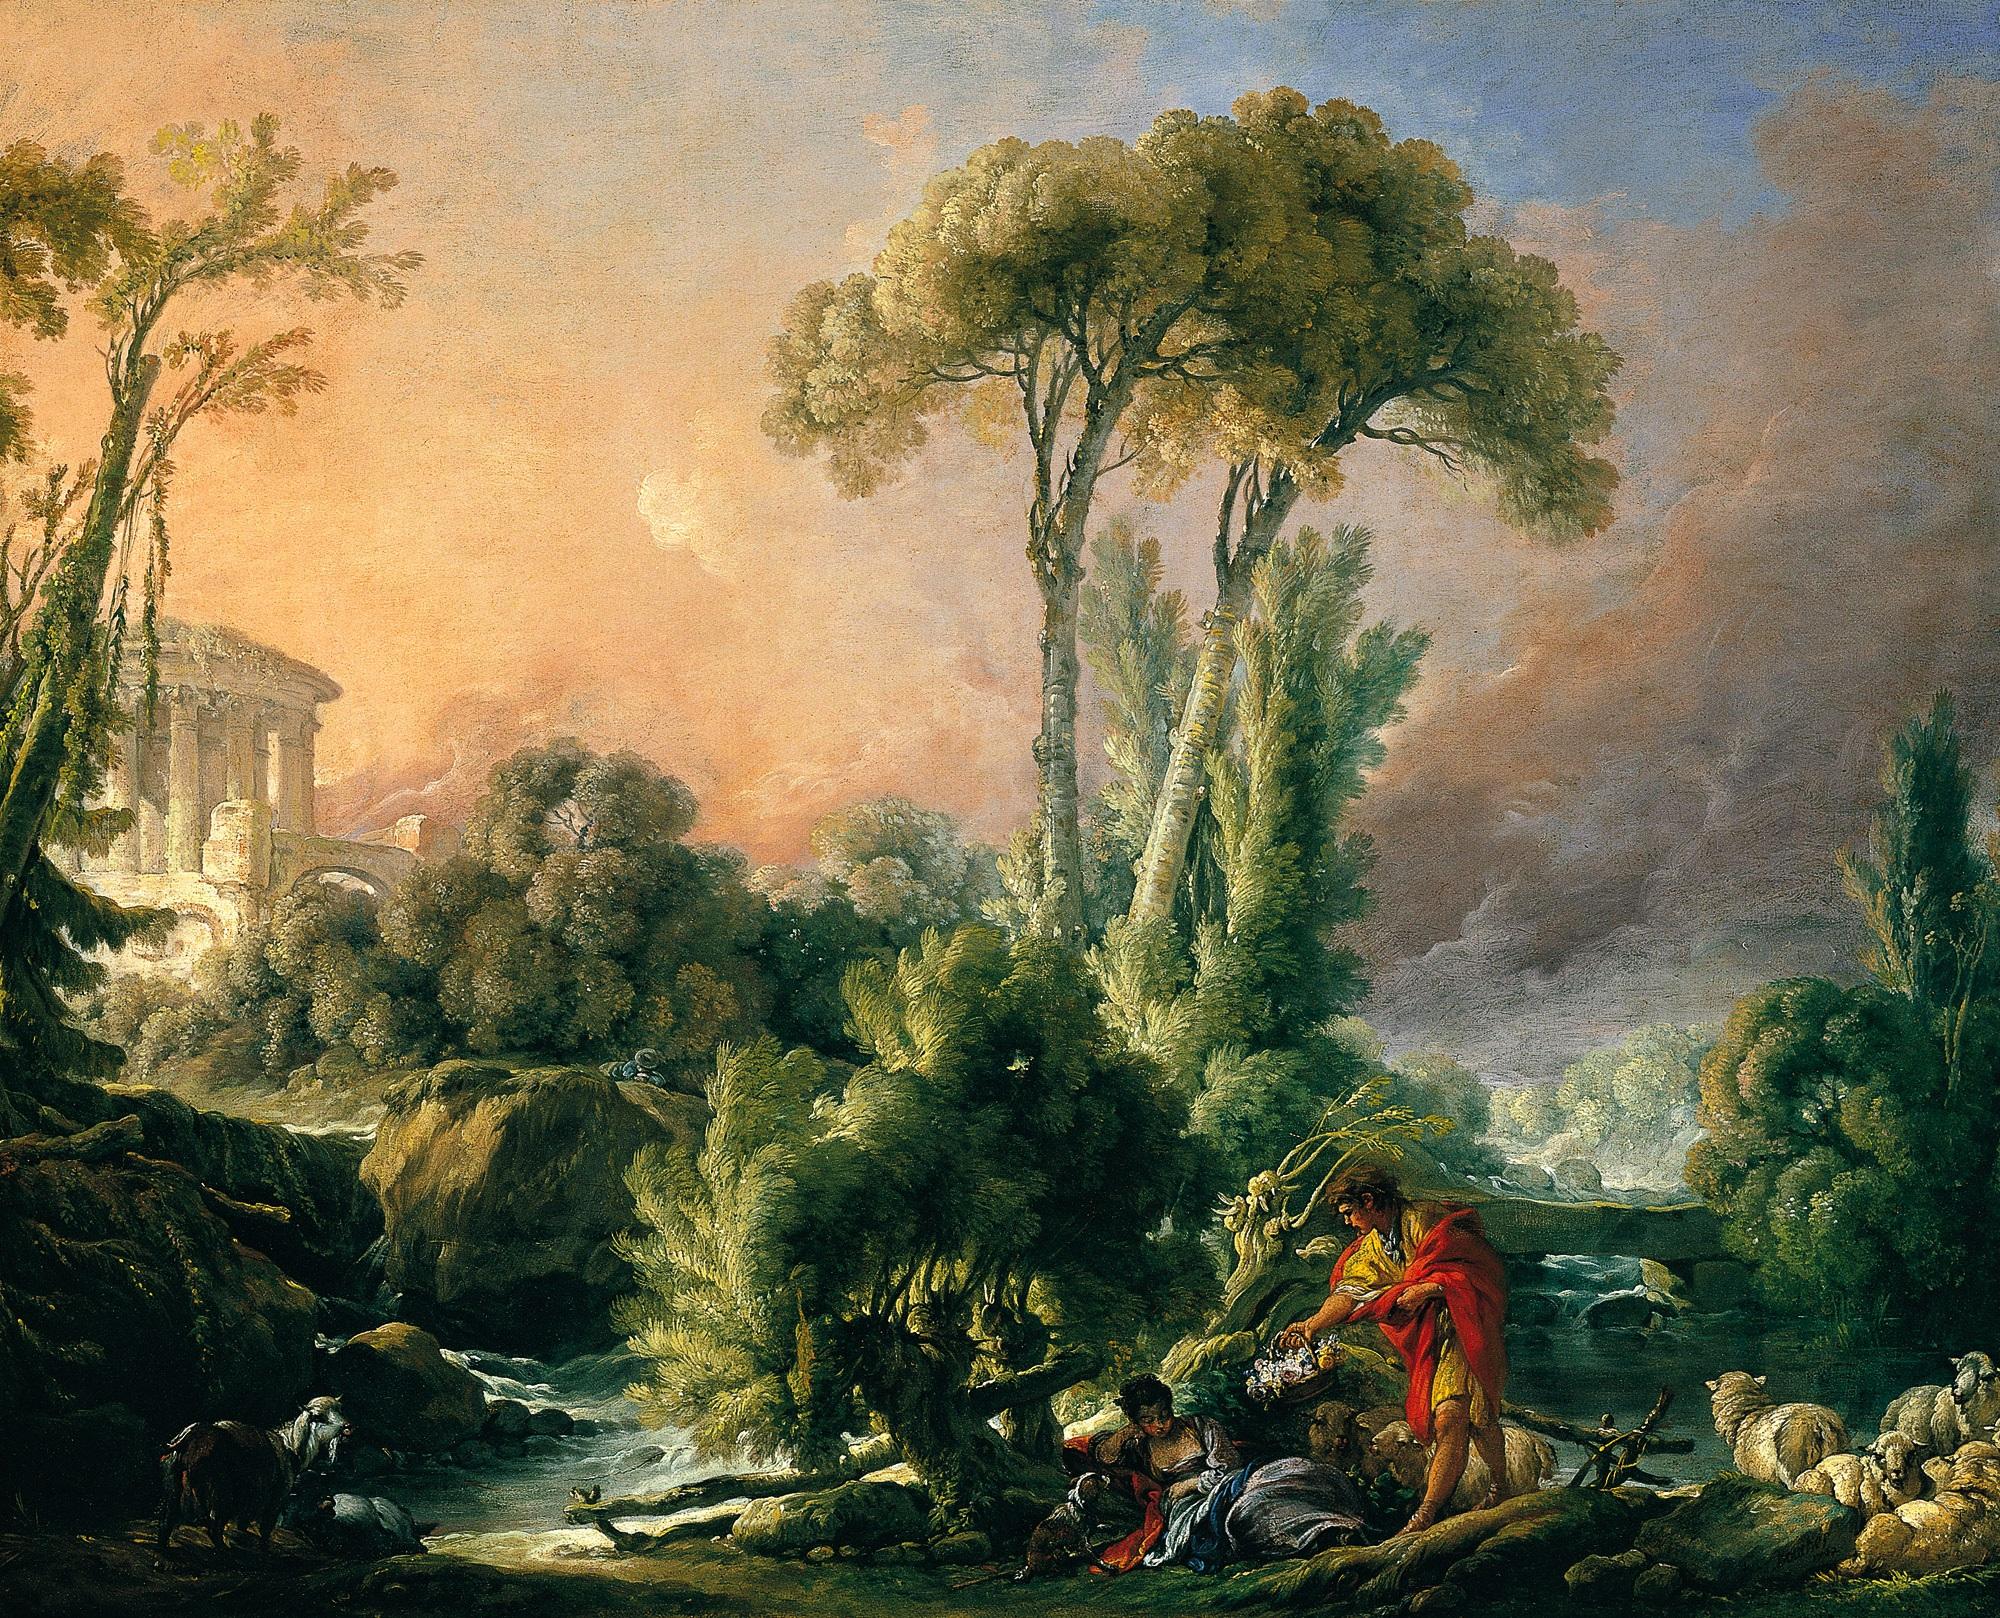 Paysage 2000 à file:françois boucher - paysage fluvial avec temple antique